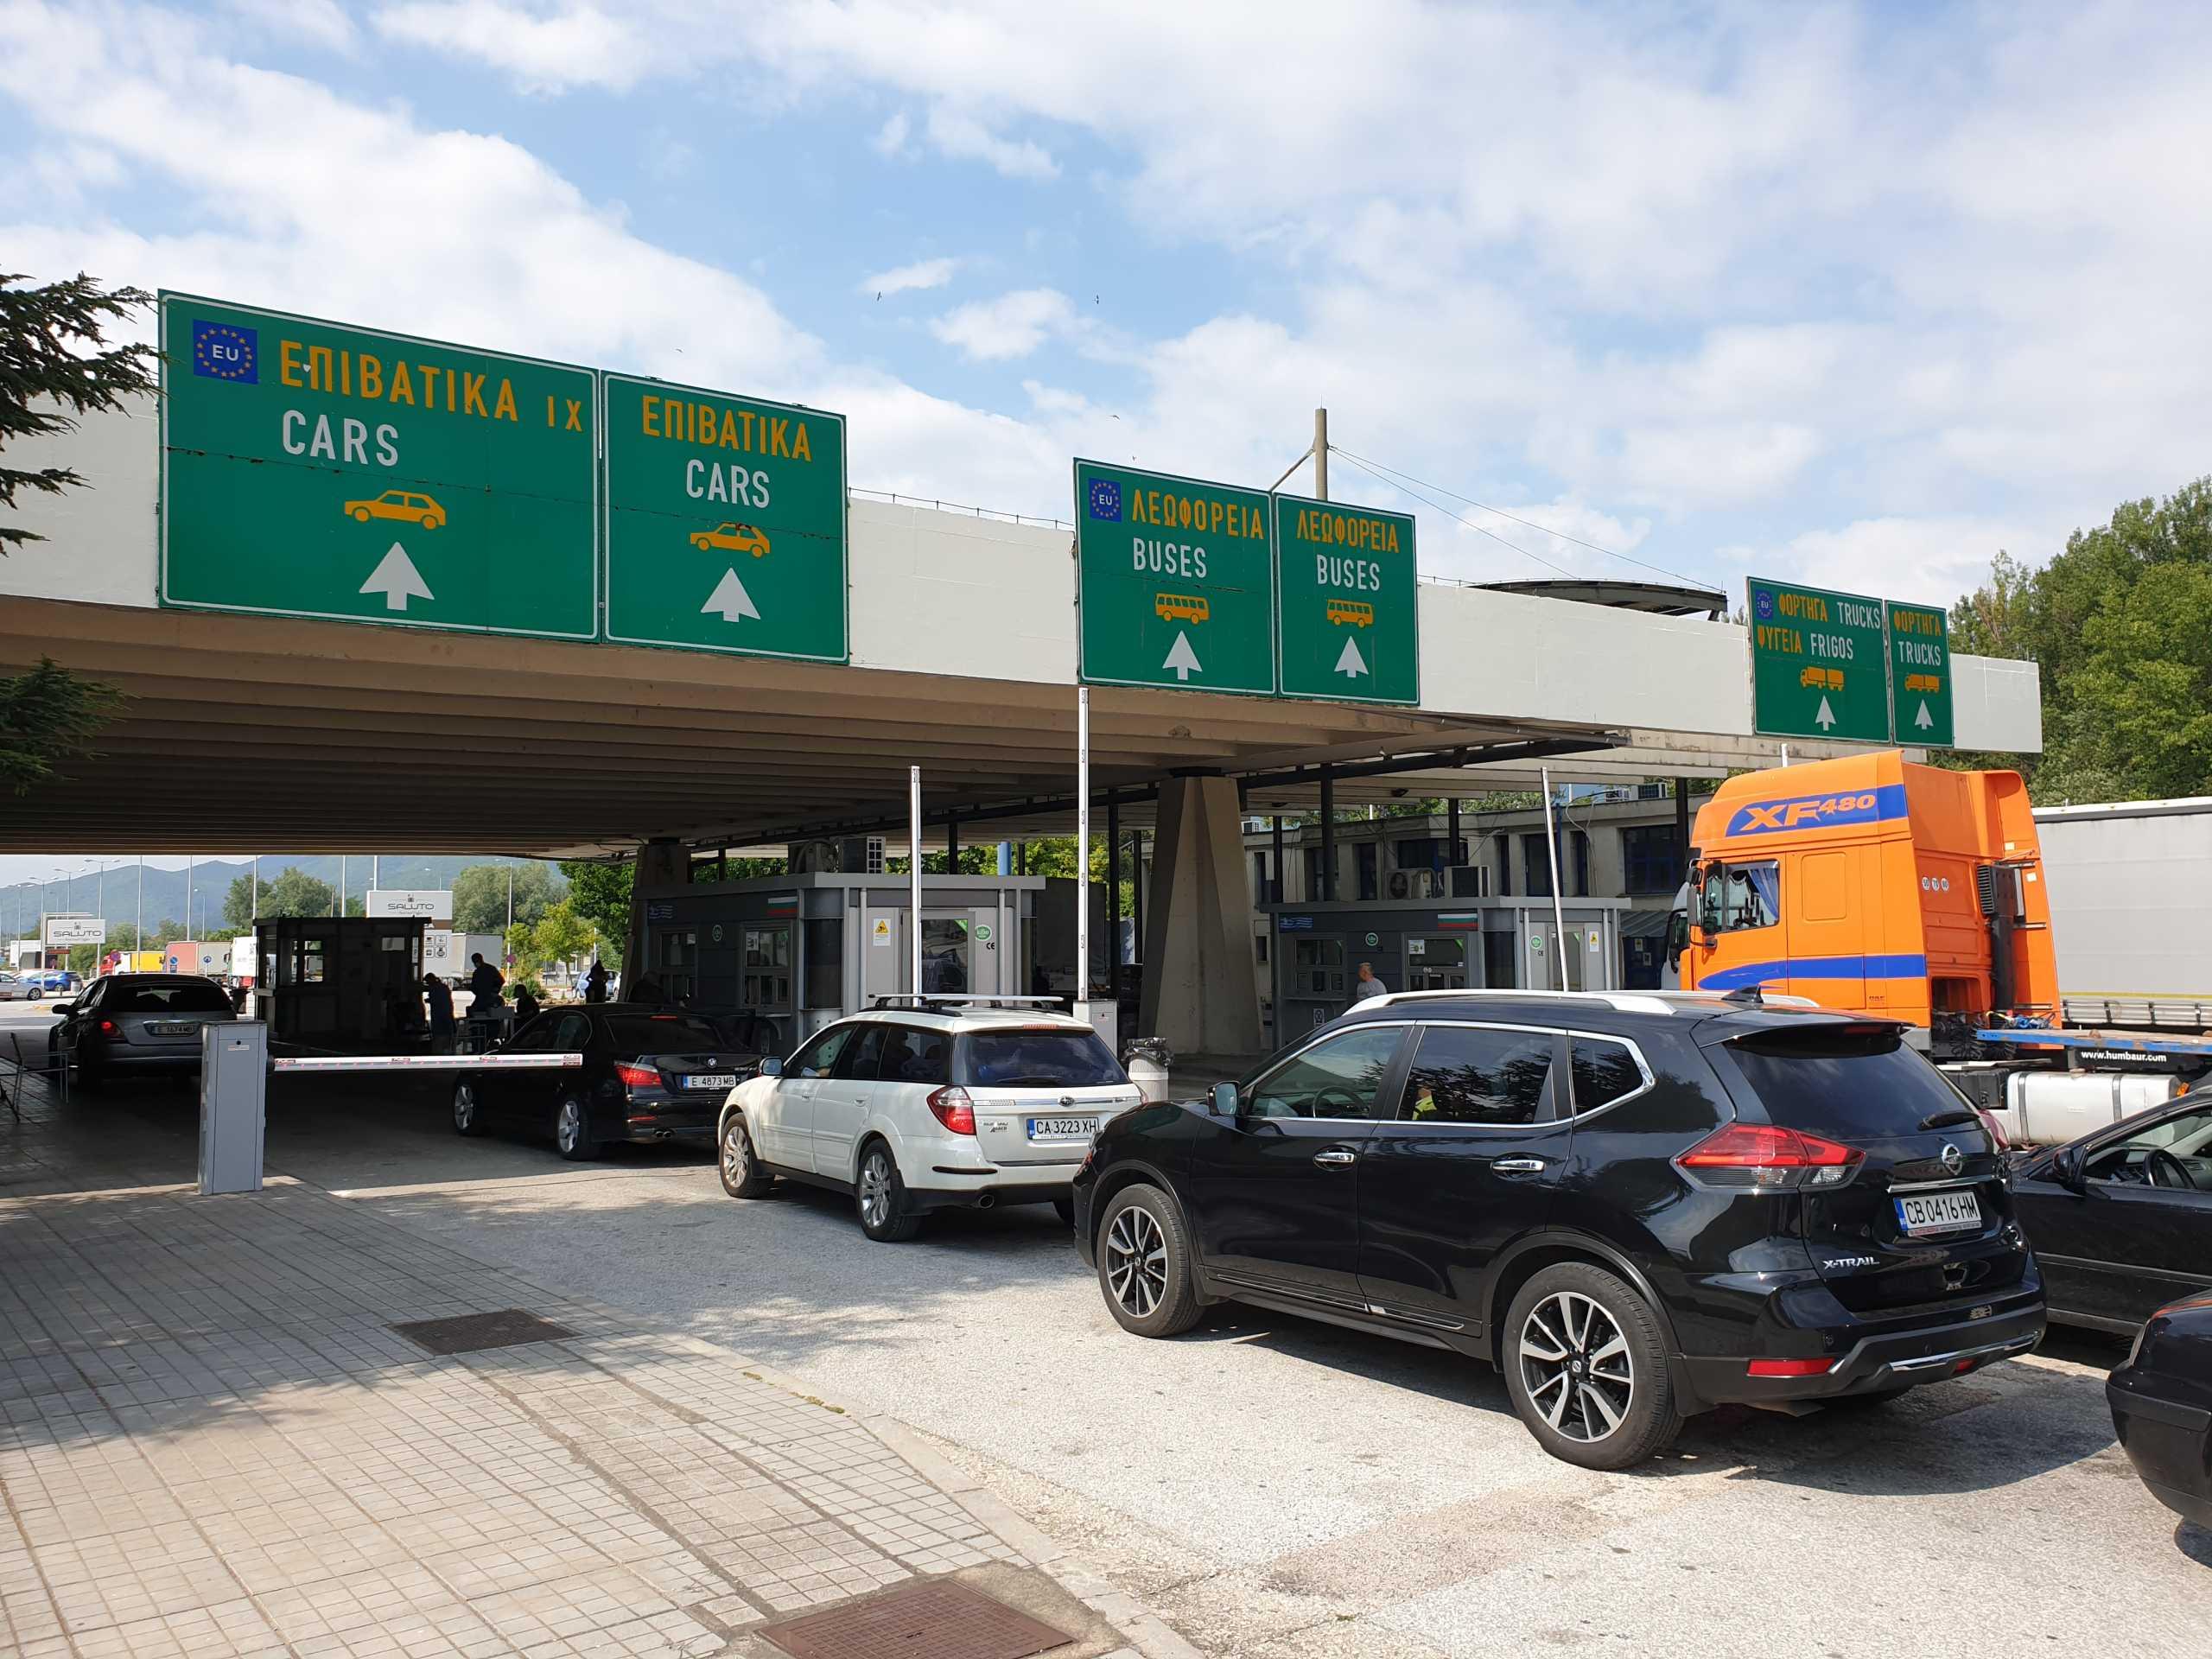 Προμαχώνας: Νέα μέτρα για τους ταξιδιώτες – «Έτσι θα λυθεί το μεγάλο πρόβλημα με τις καθυστερήσεις»